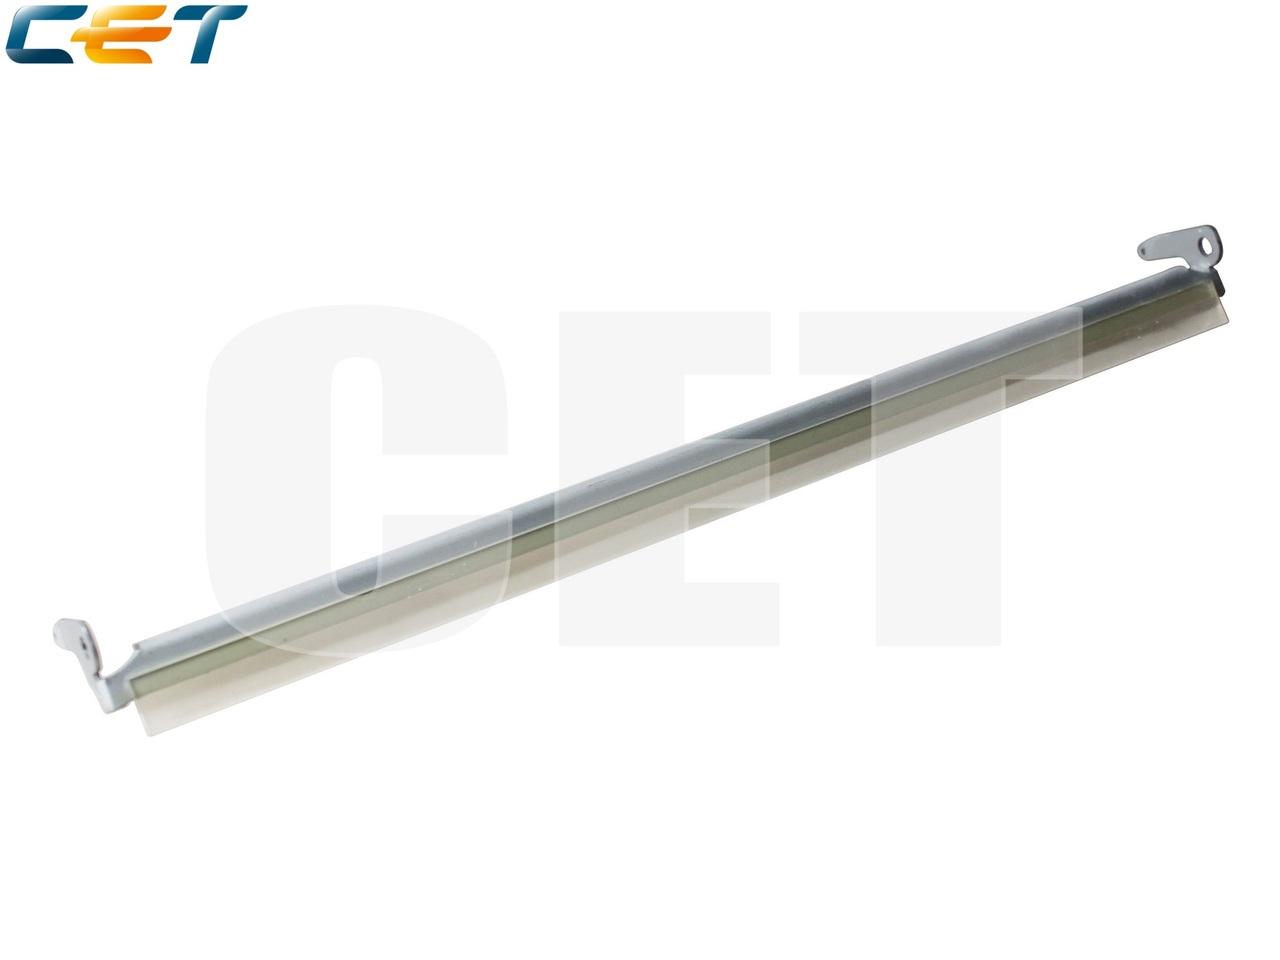 Лезвие очистки ленты переноса A03U553000 для KONICAMINOLTA Bizhub PRESS C6000/C7000/C7000P (CET), CET7024